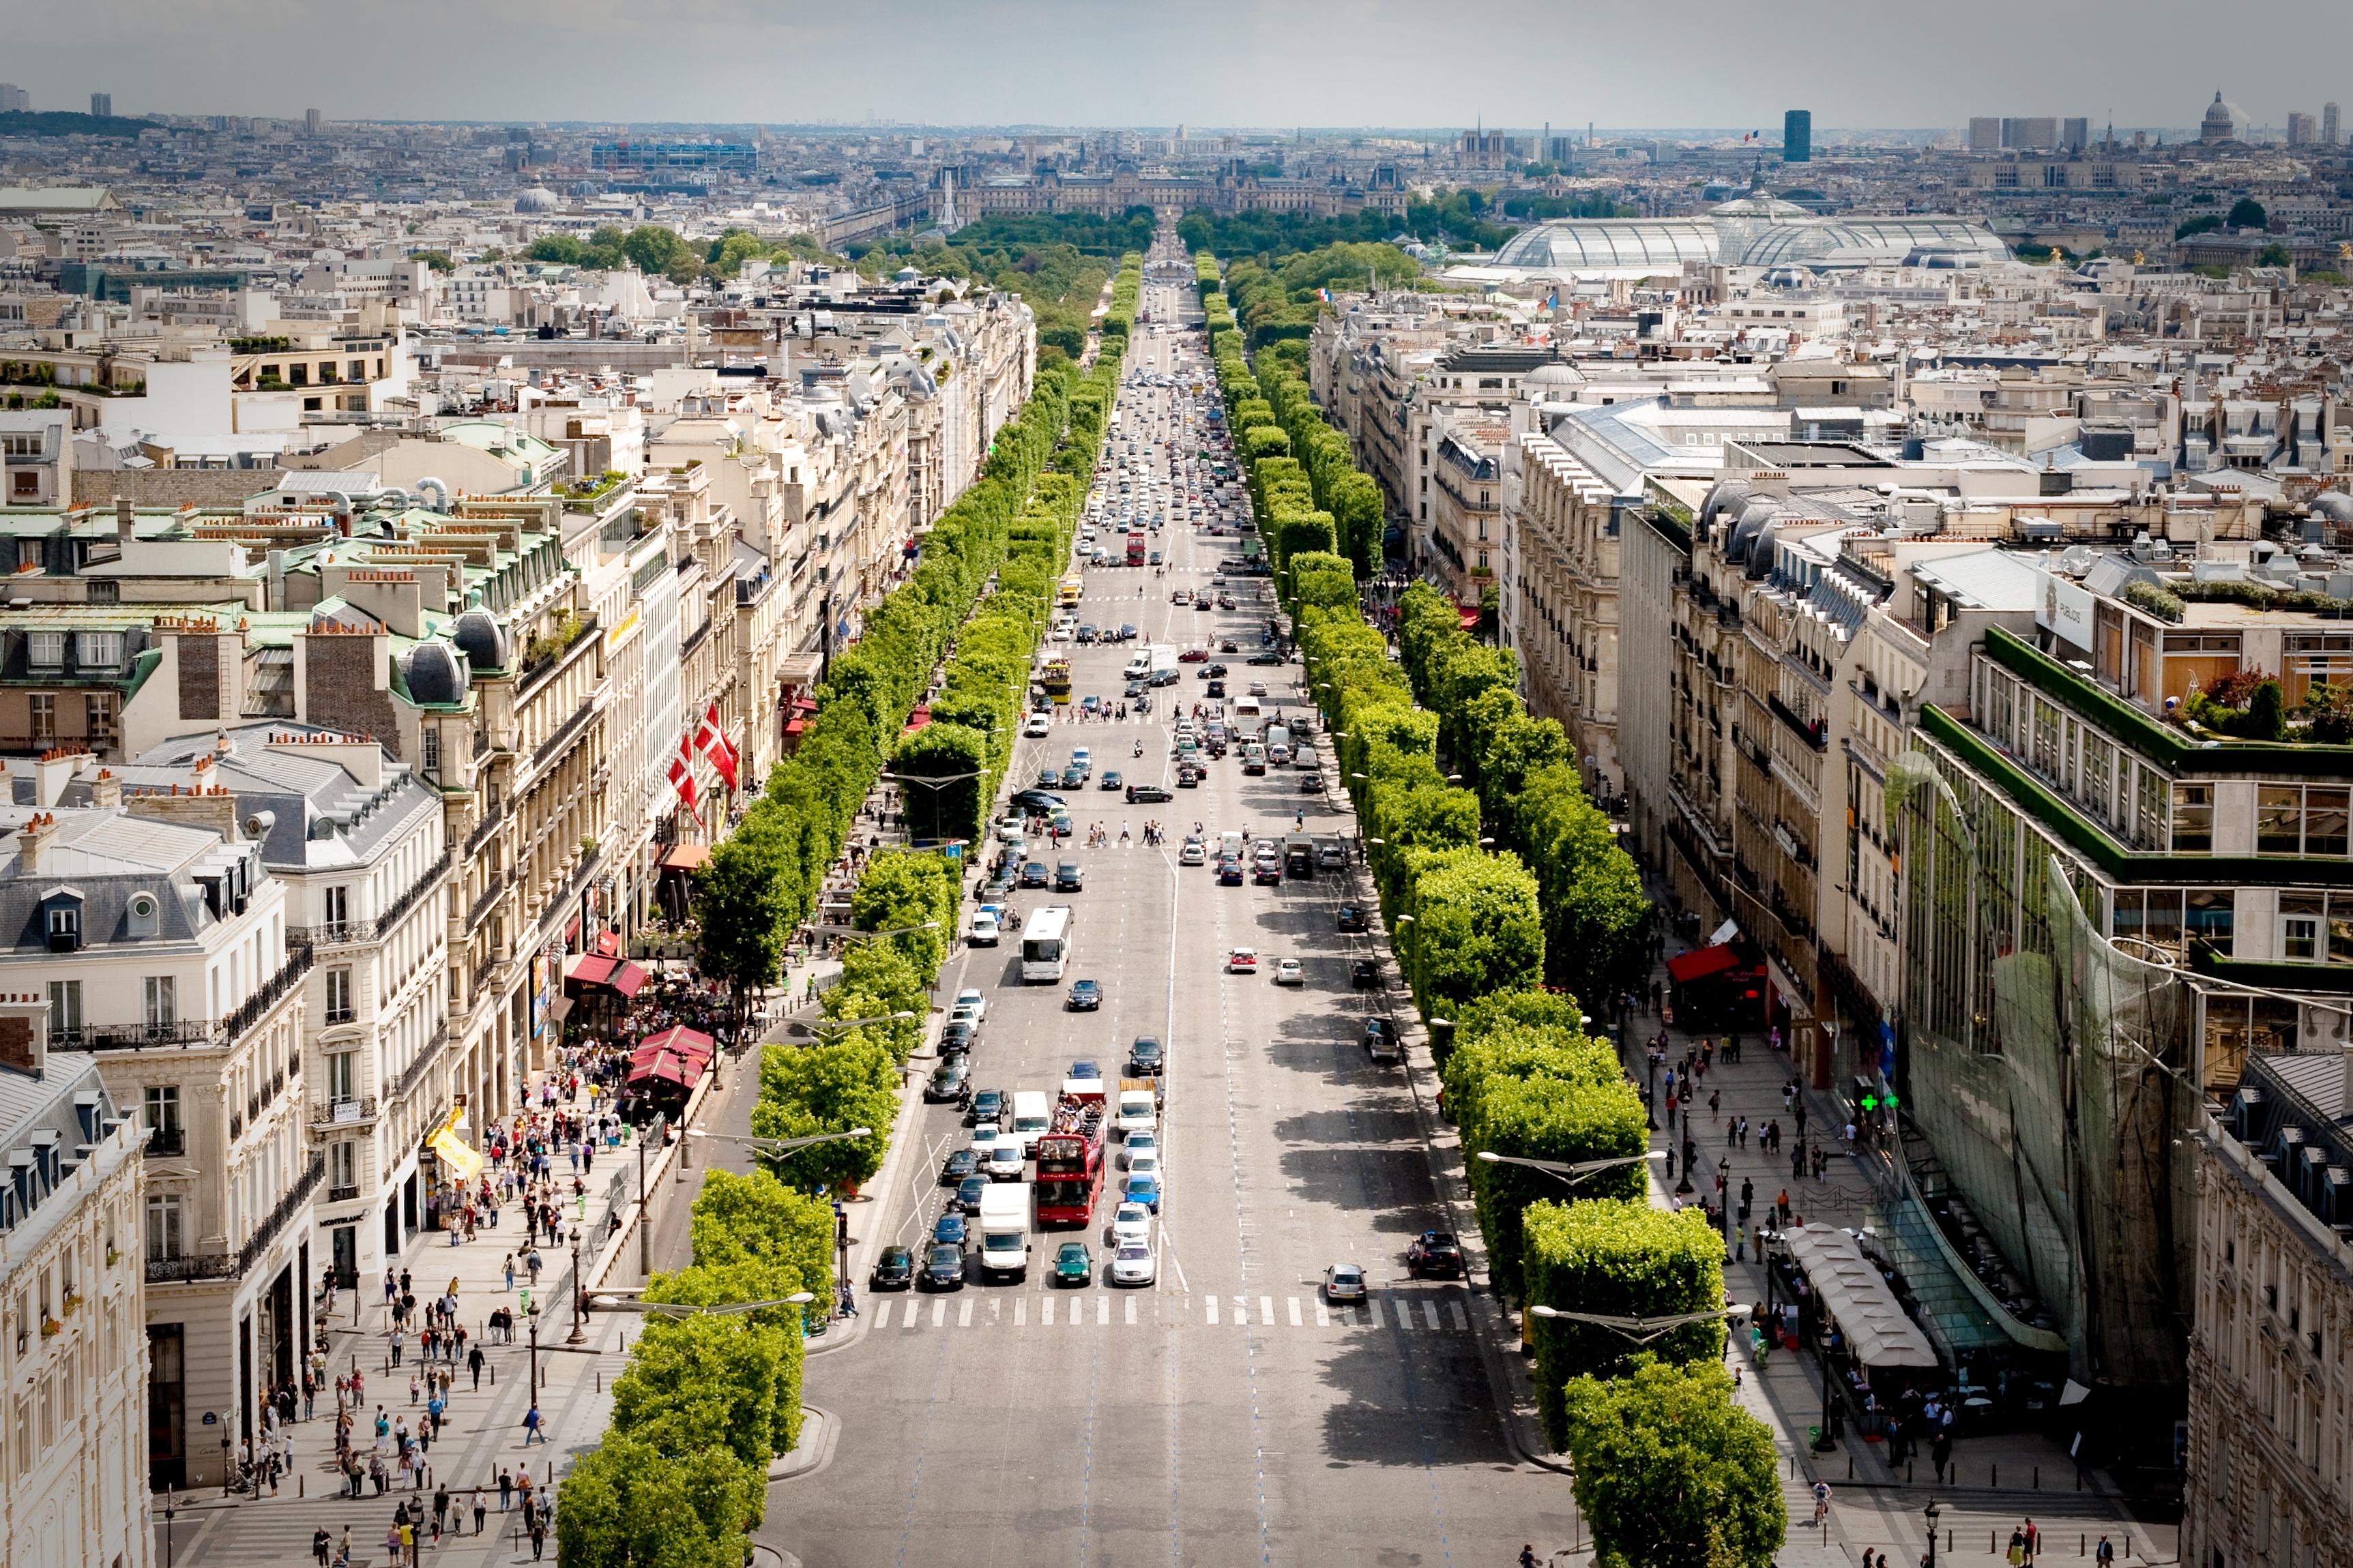 Avenue des Champs-Élysées - Paris